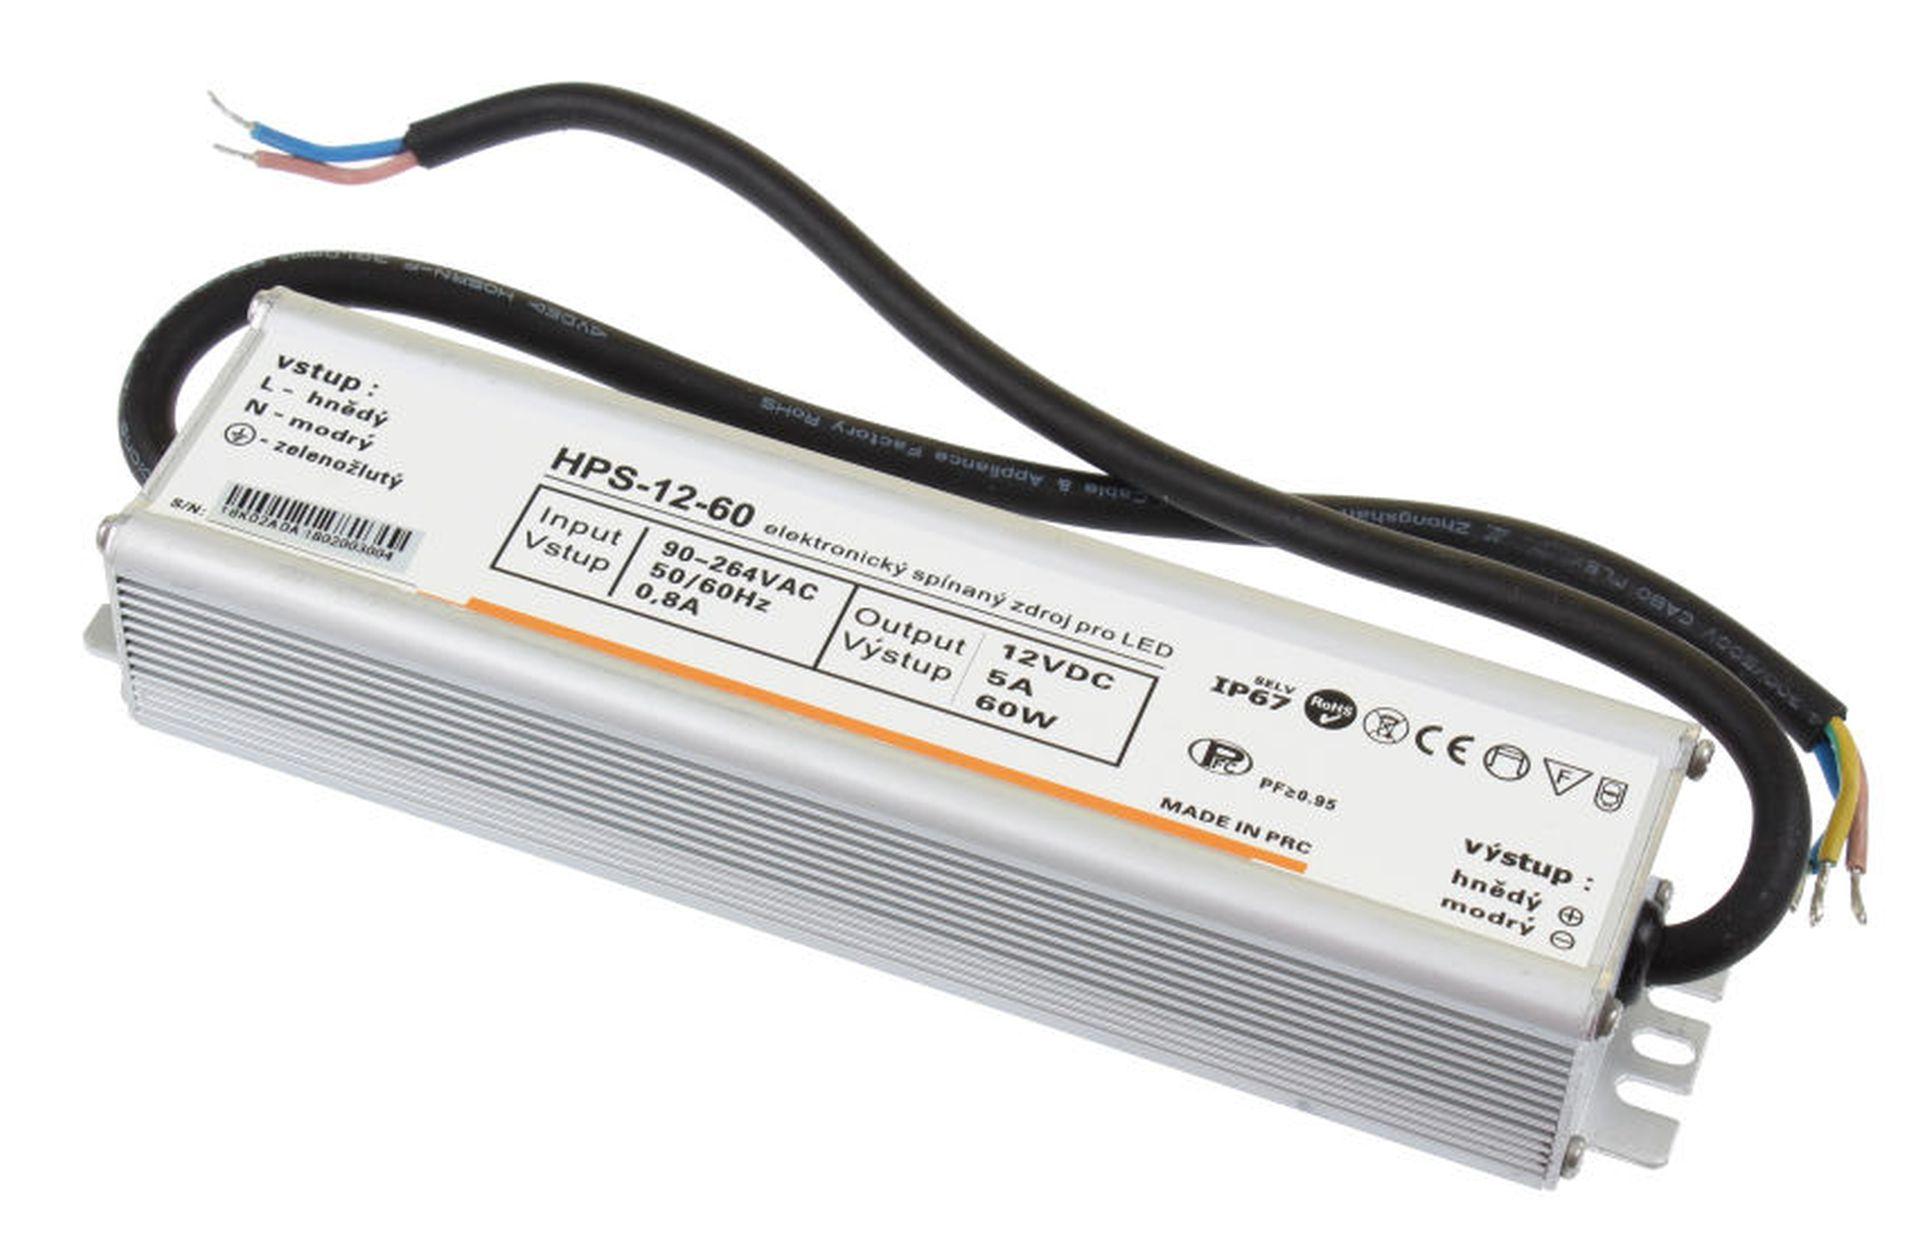 T-LED LED zdroj (trafo) 12V 60W IP67 051122